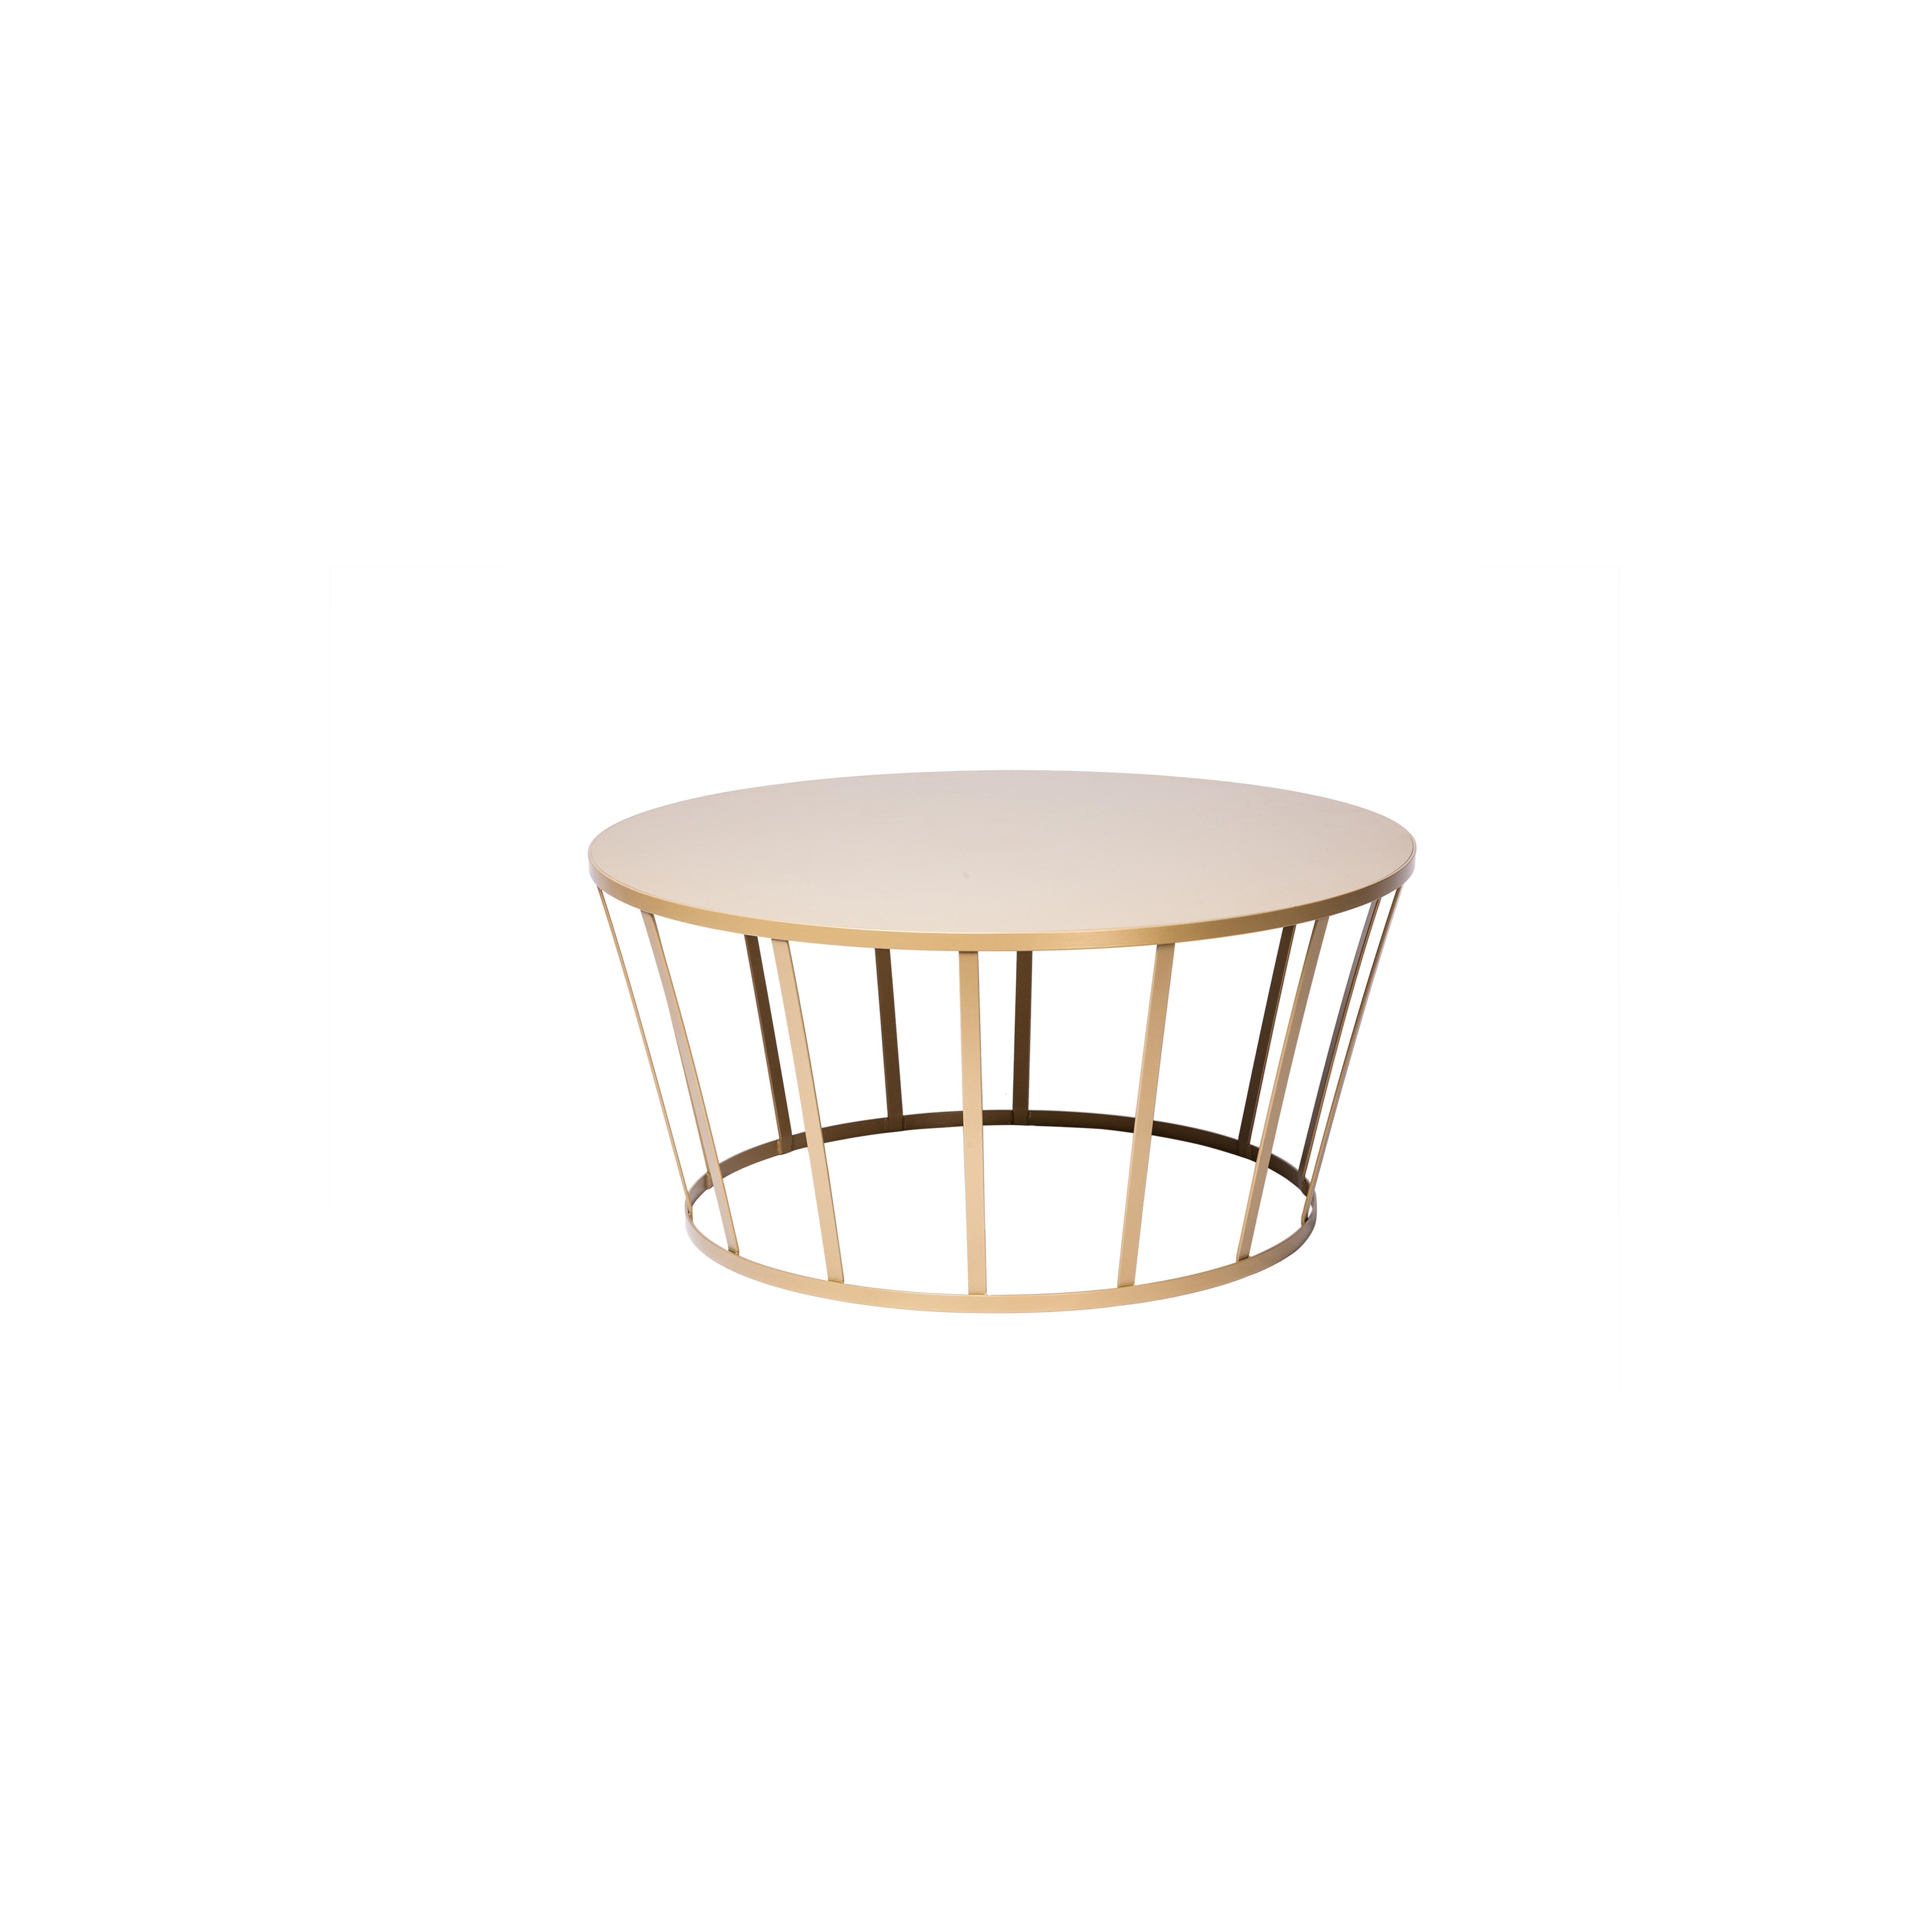 Petite Table Coloris Hollo De Basse Friture6 v80mNwOn